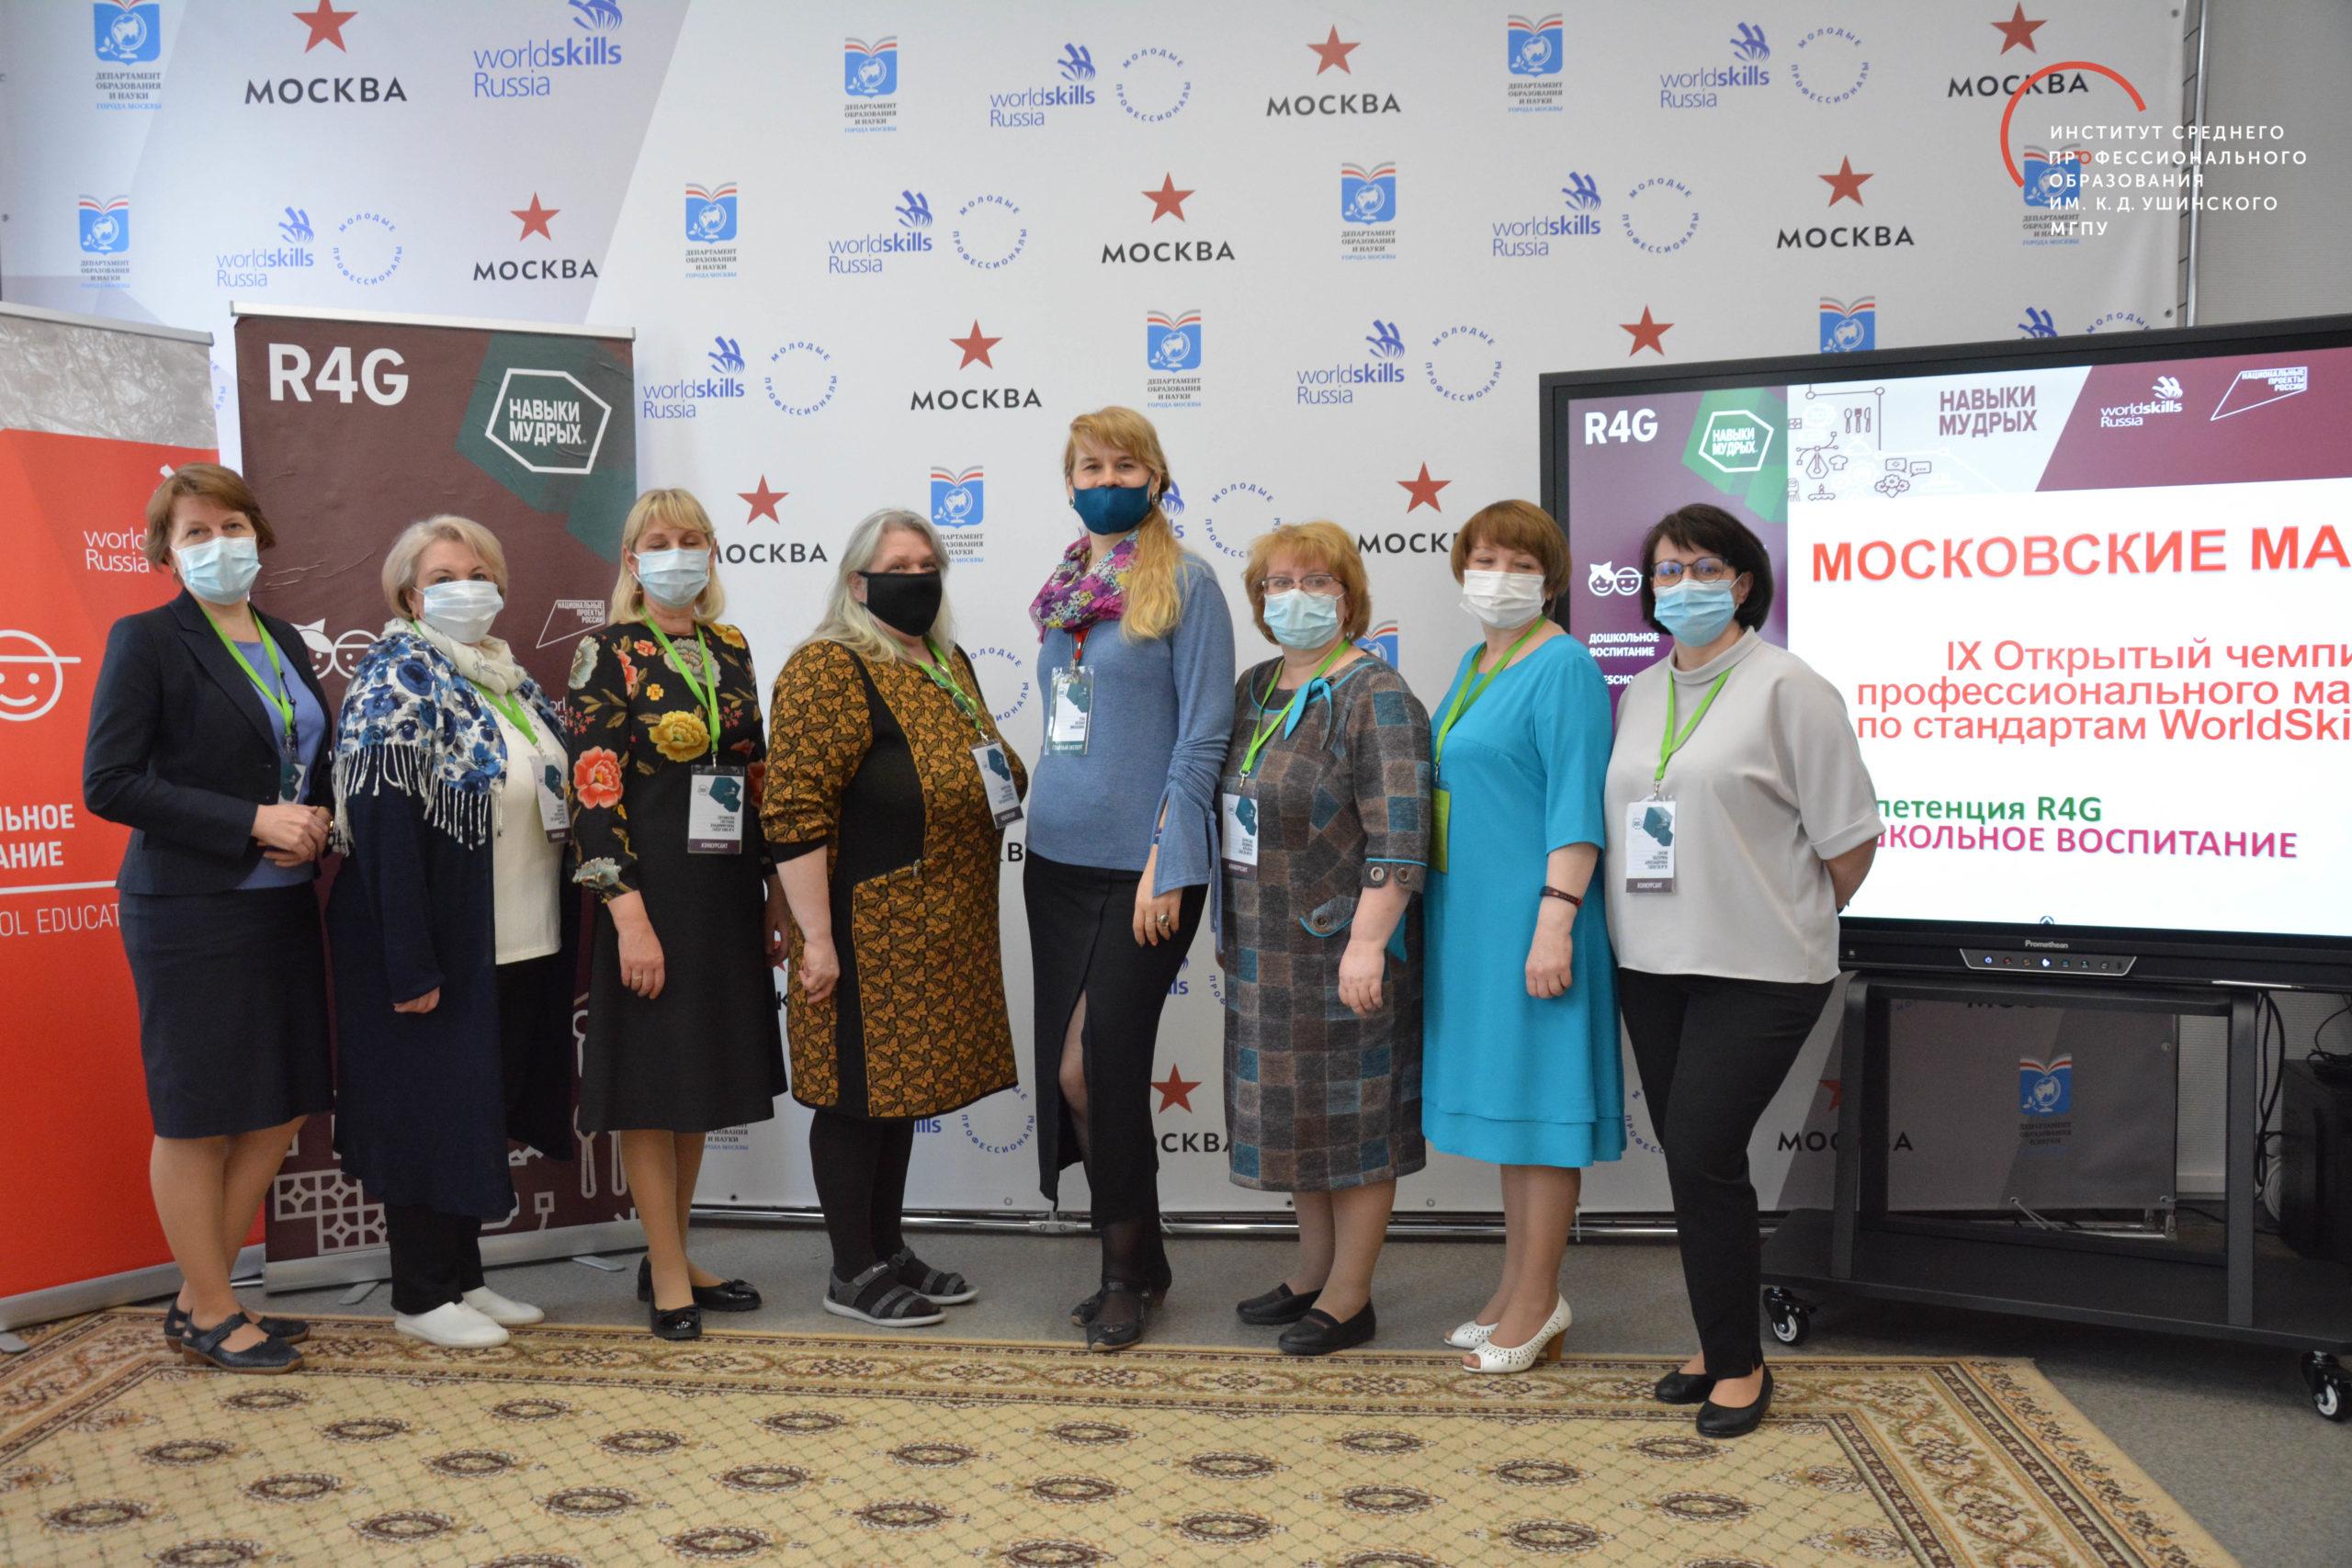 III региональный чемпионат Worldskills «Московские мастера»